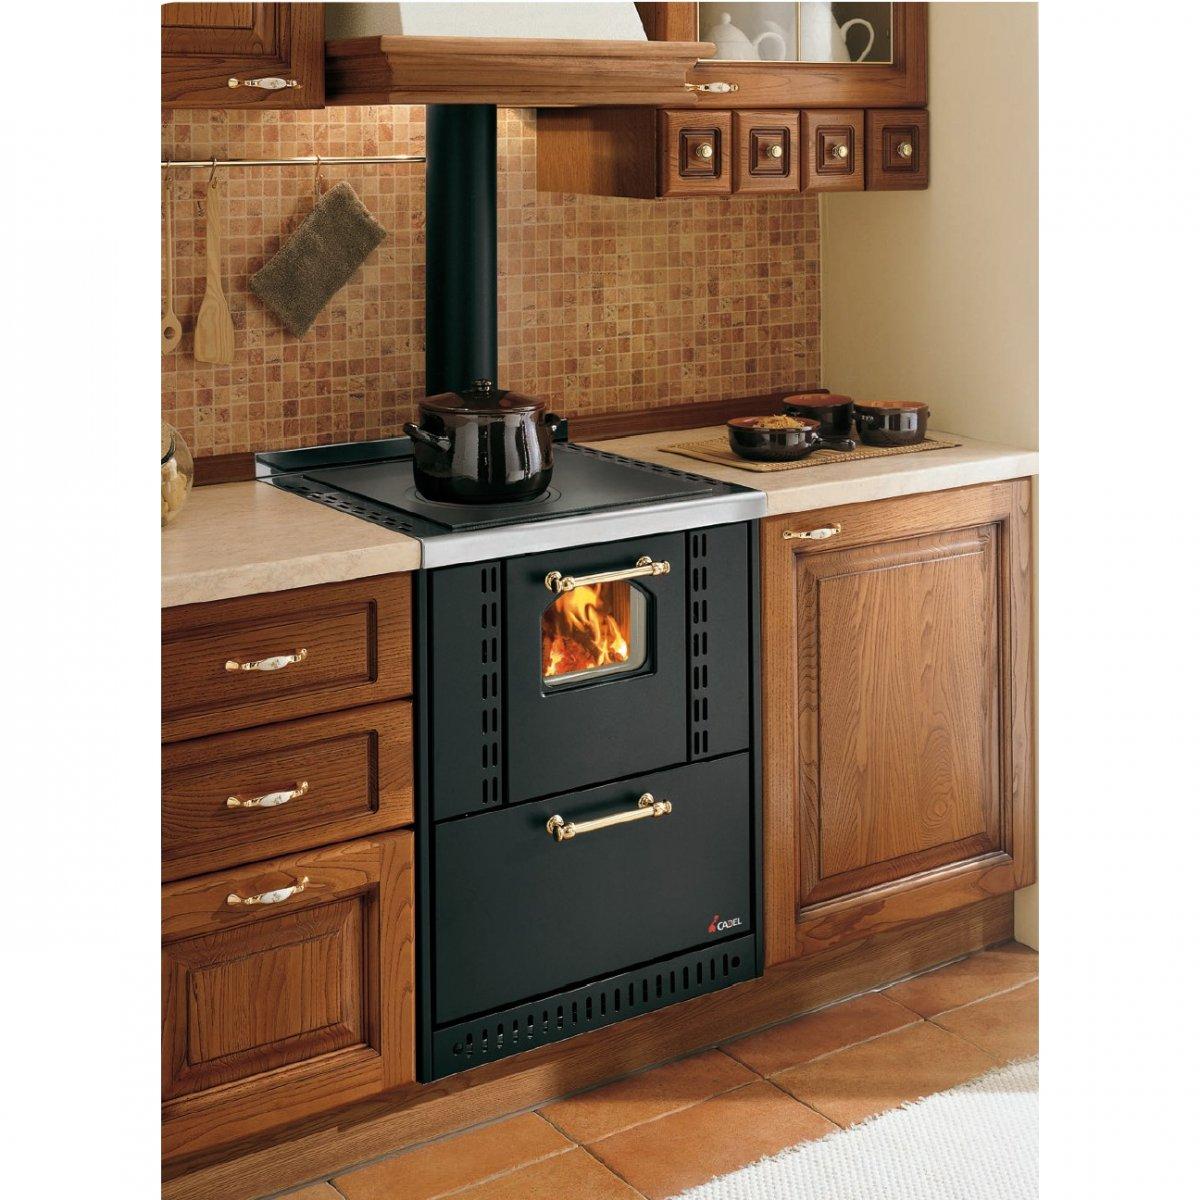 Home Elettrodomestici Cucine A Legna Cucina A Legna Gemma Pictures To  #C28C09 1200 1200 Foto Di Cucine